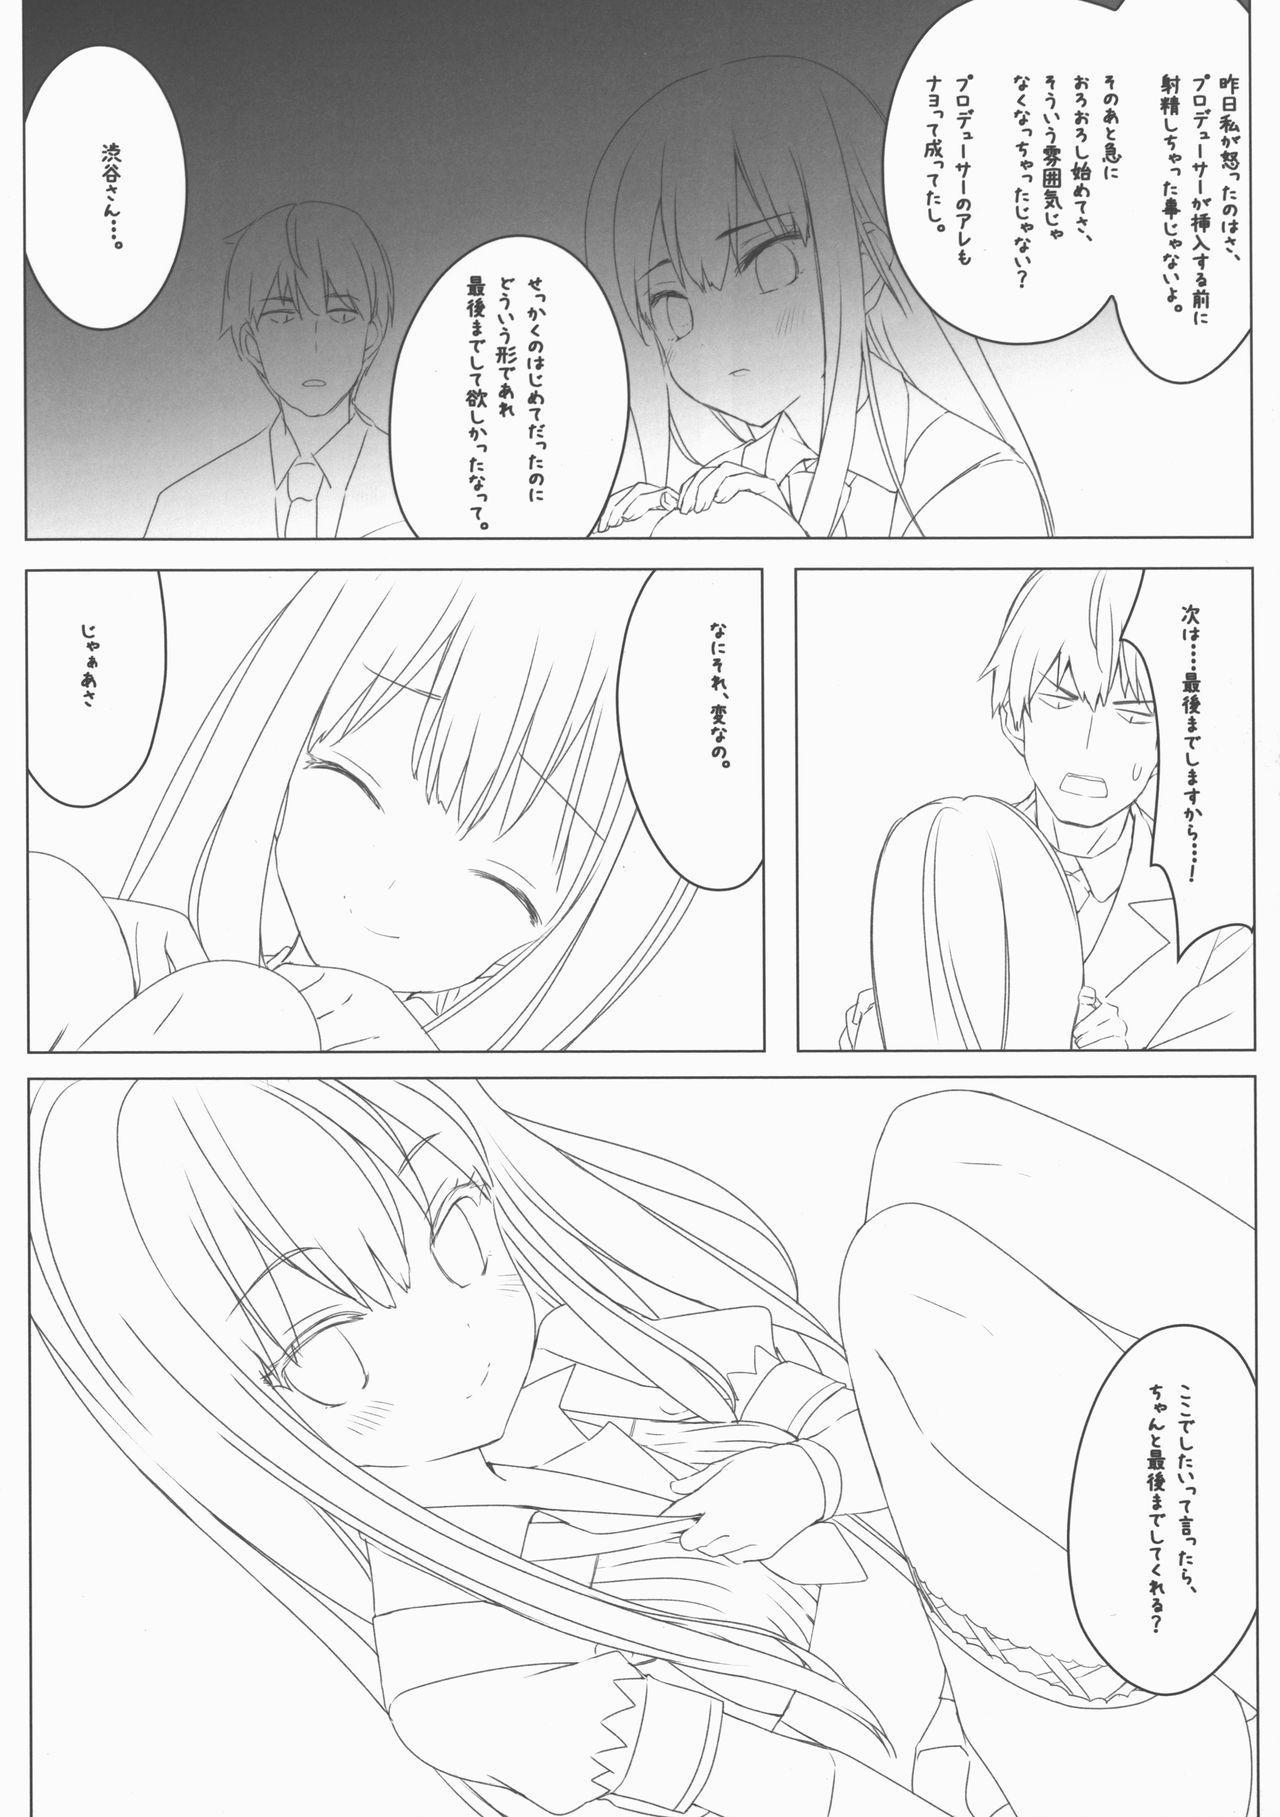 Rin Shibuya Activities Prologue 4